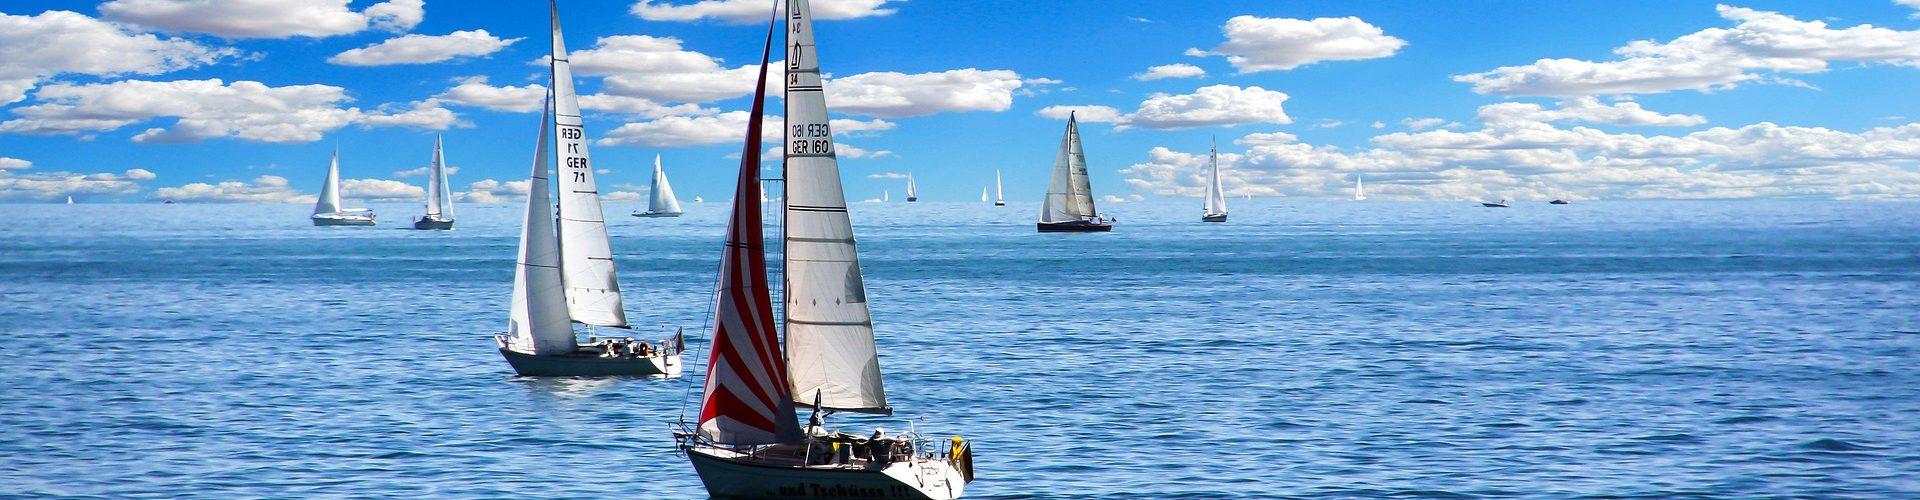 segeln lernen in Siegburg segelschein machen in Siegburg 1920x500 - Segeln lernen in Siegburg